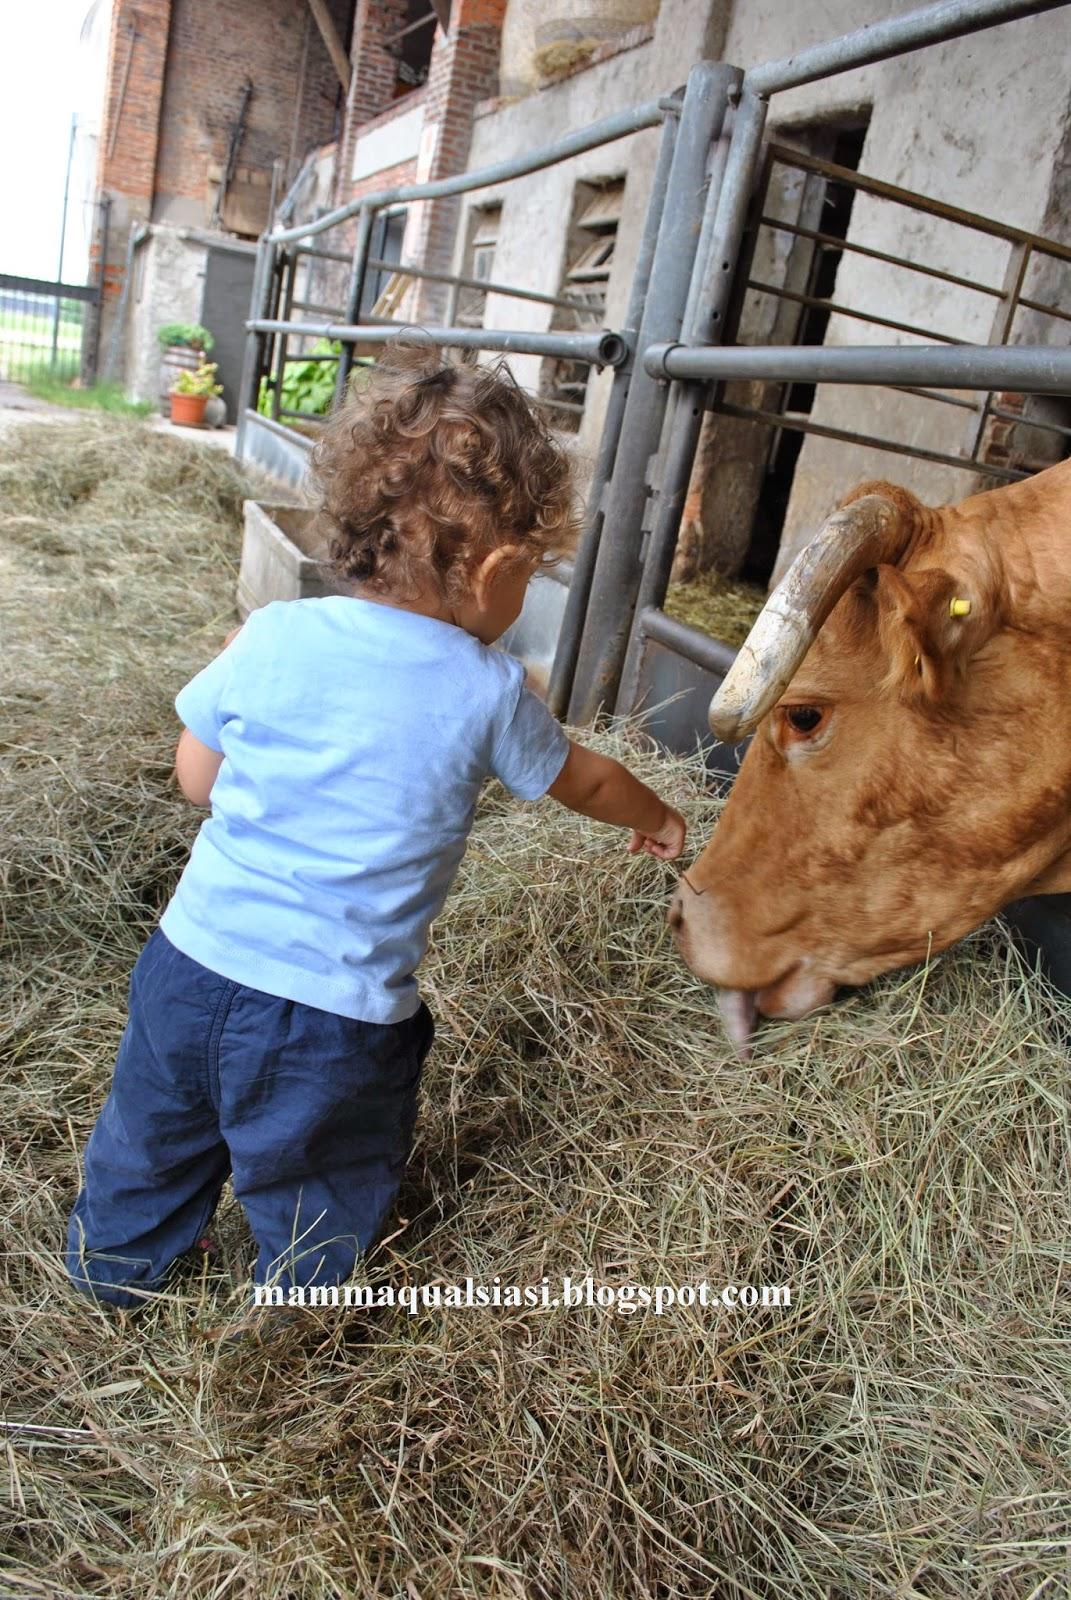 Una mamma qualsiasi chicharito alla scoperta degli animali for Porte francesi della fattoria